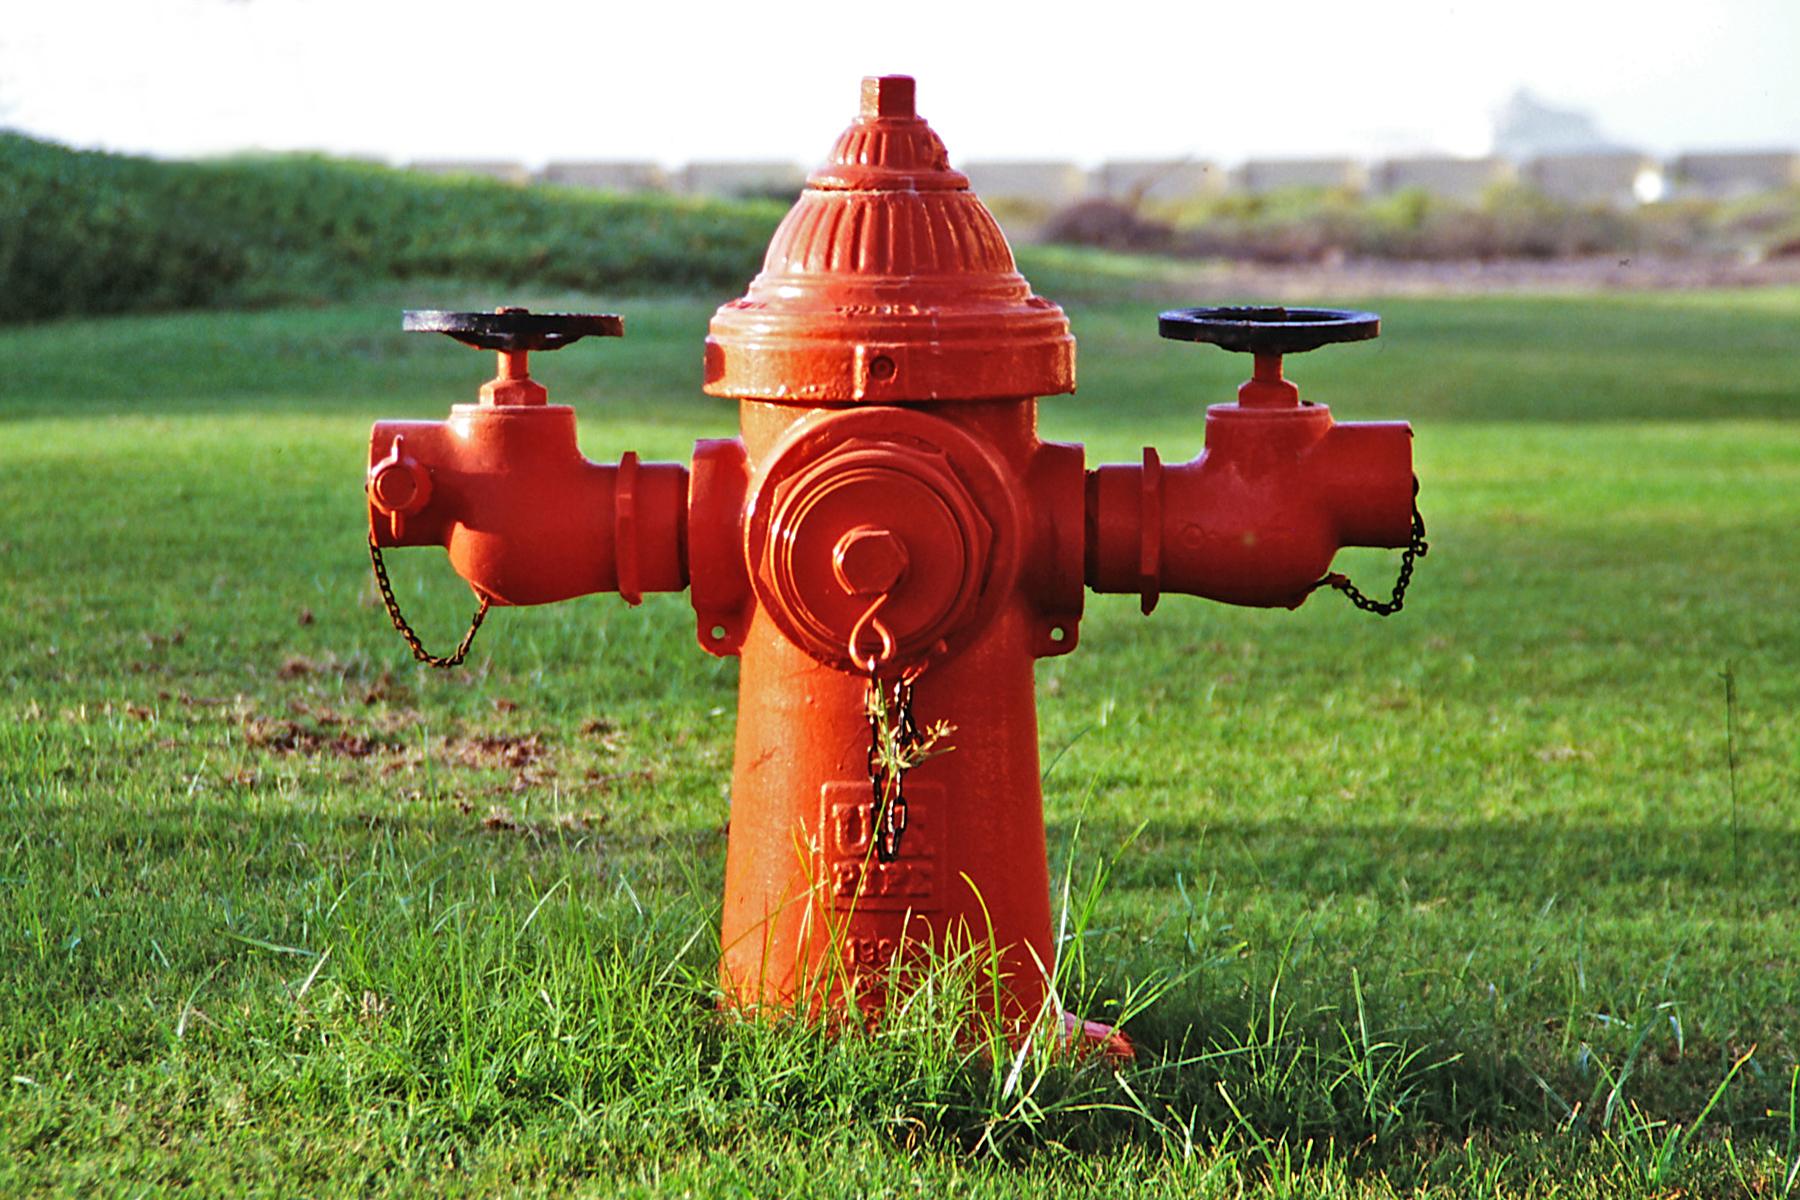 Roter Hydrant in grüner Landschaft.